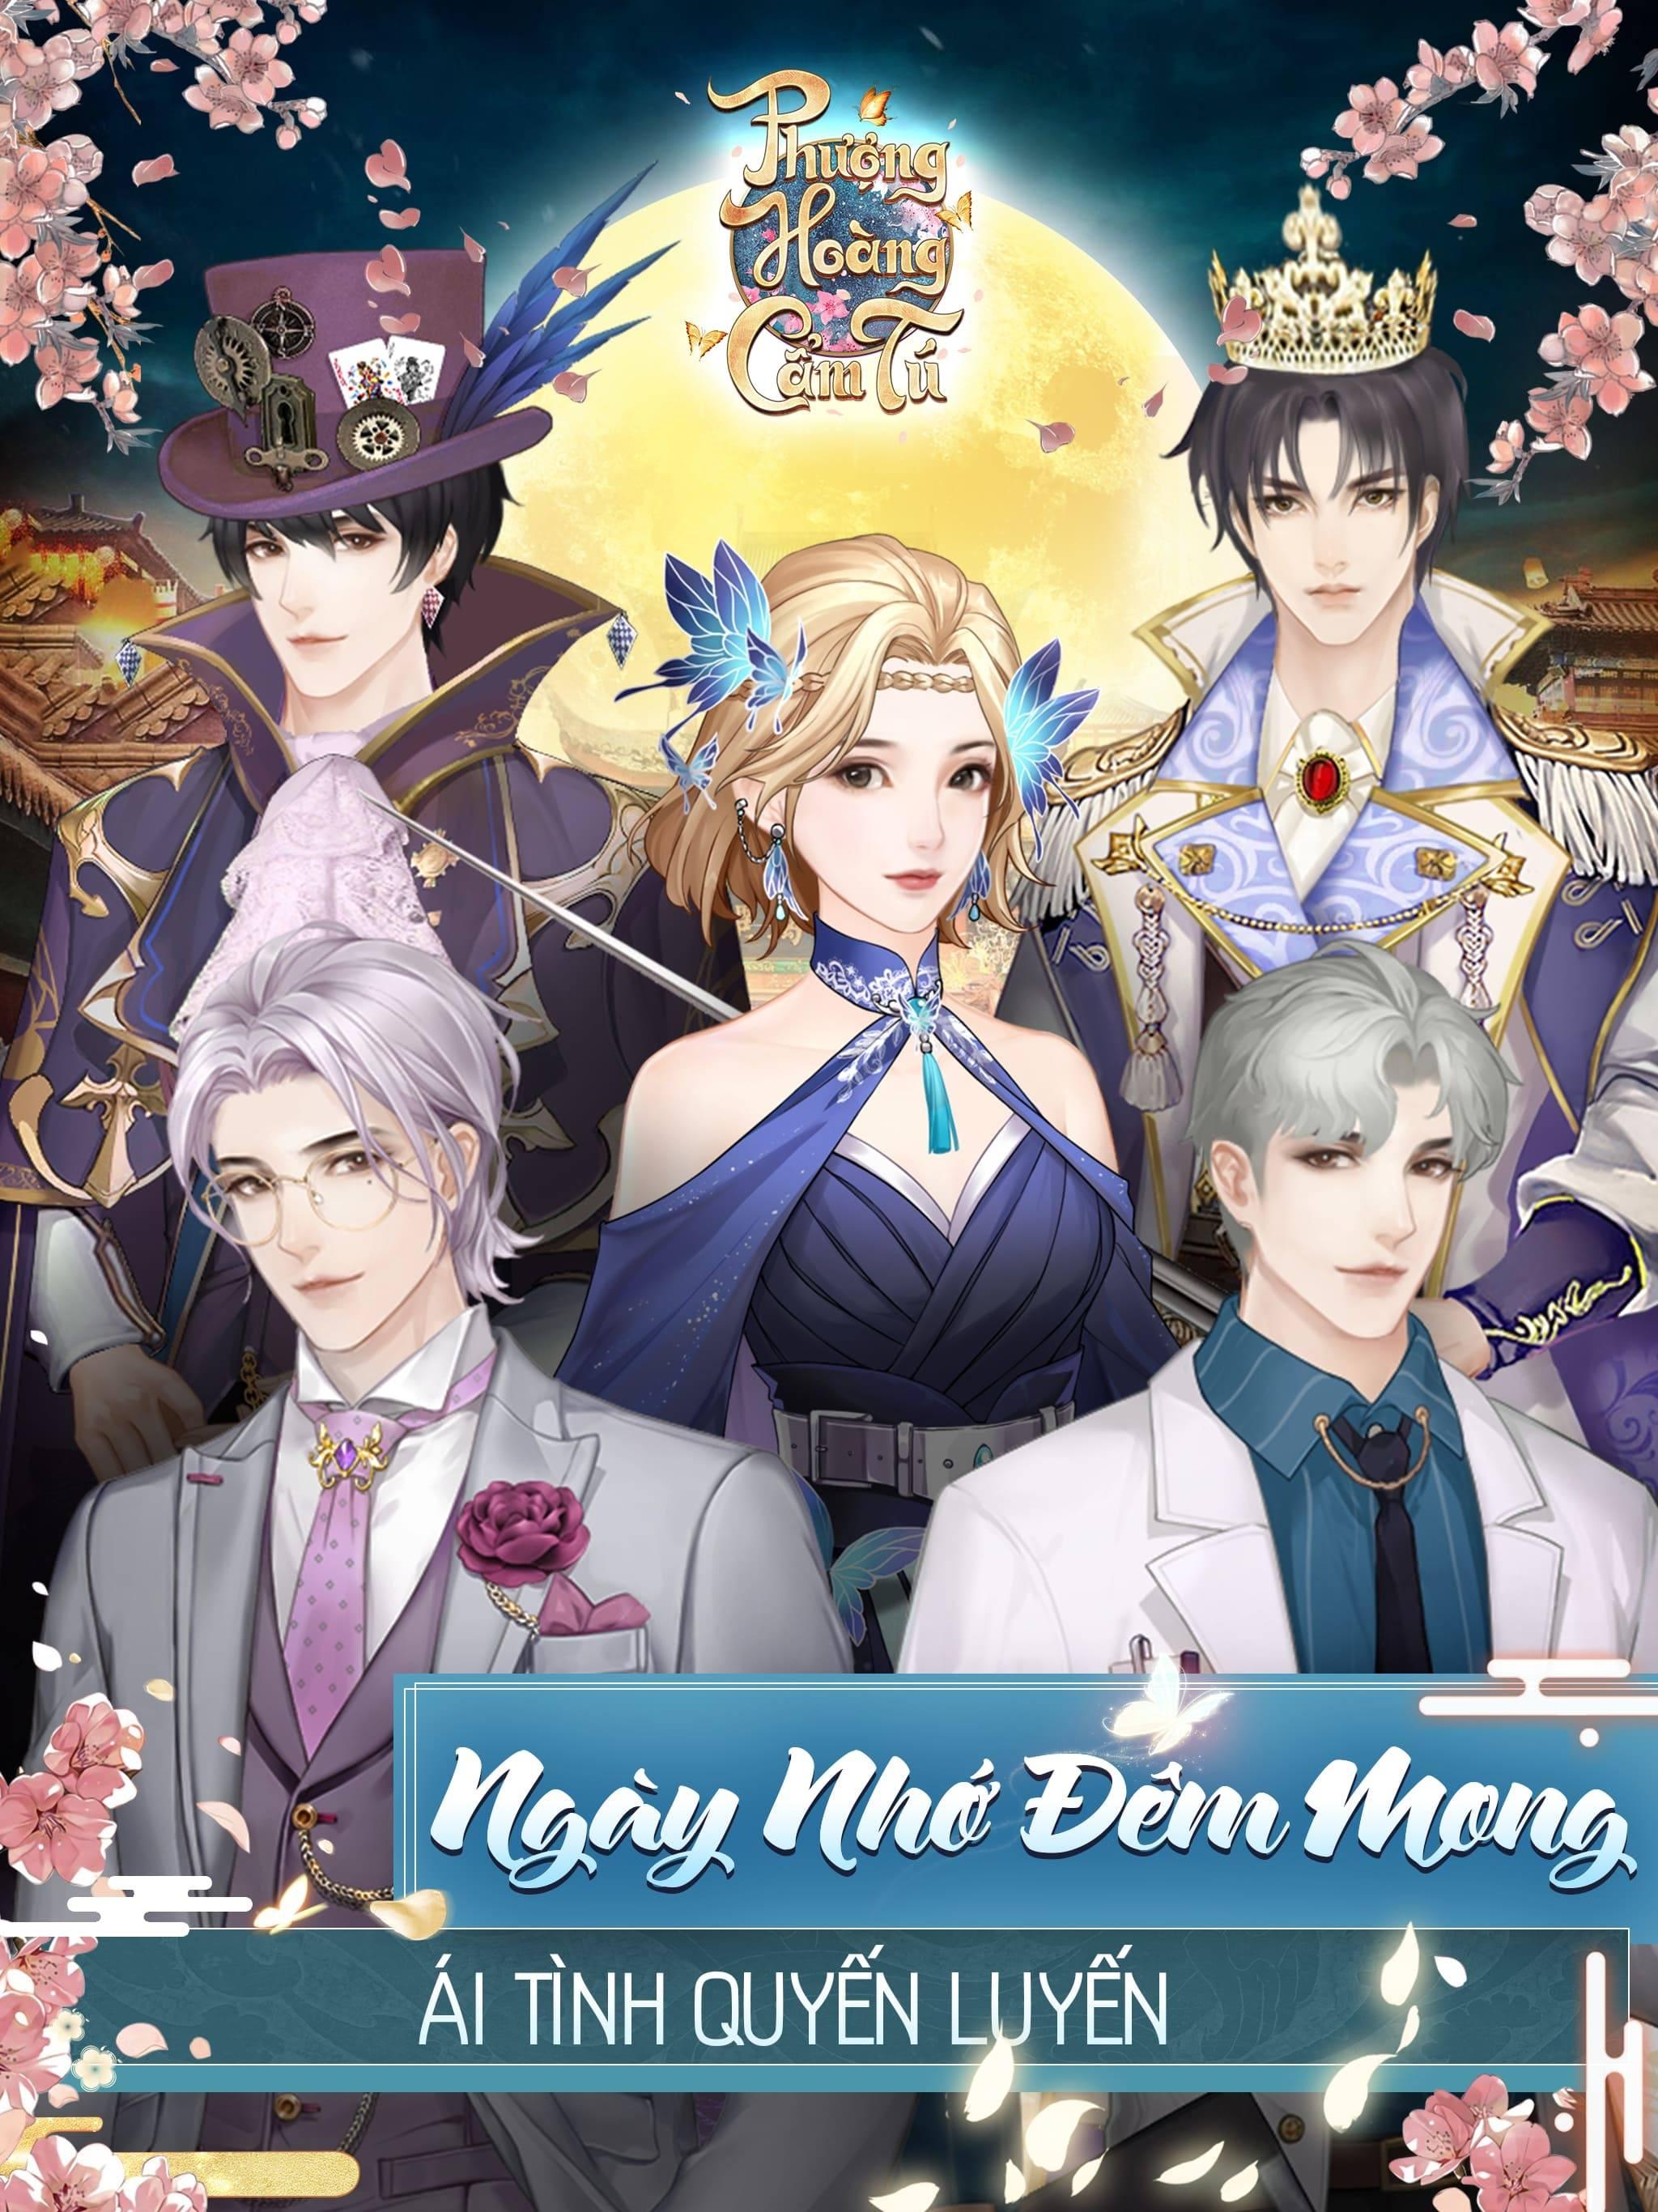 Phượng Hoàng Cẩm Tú: Game mobile cung đấu sẽ ra mắt trong tháng 6